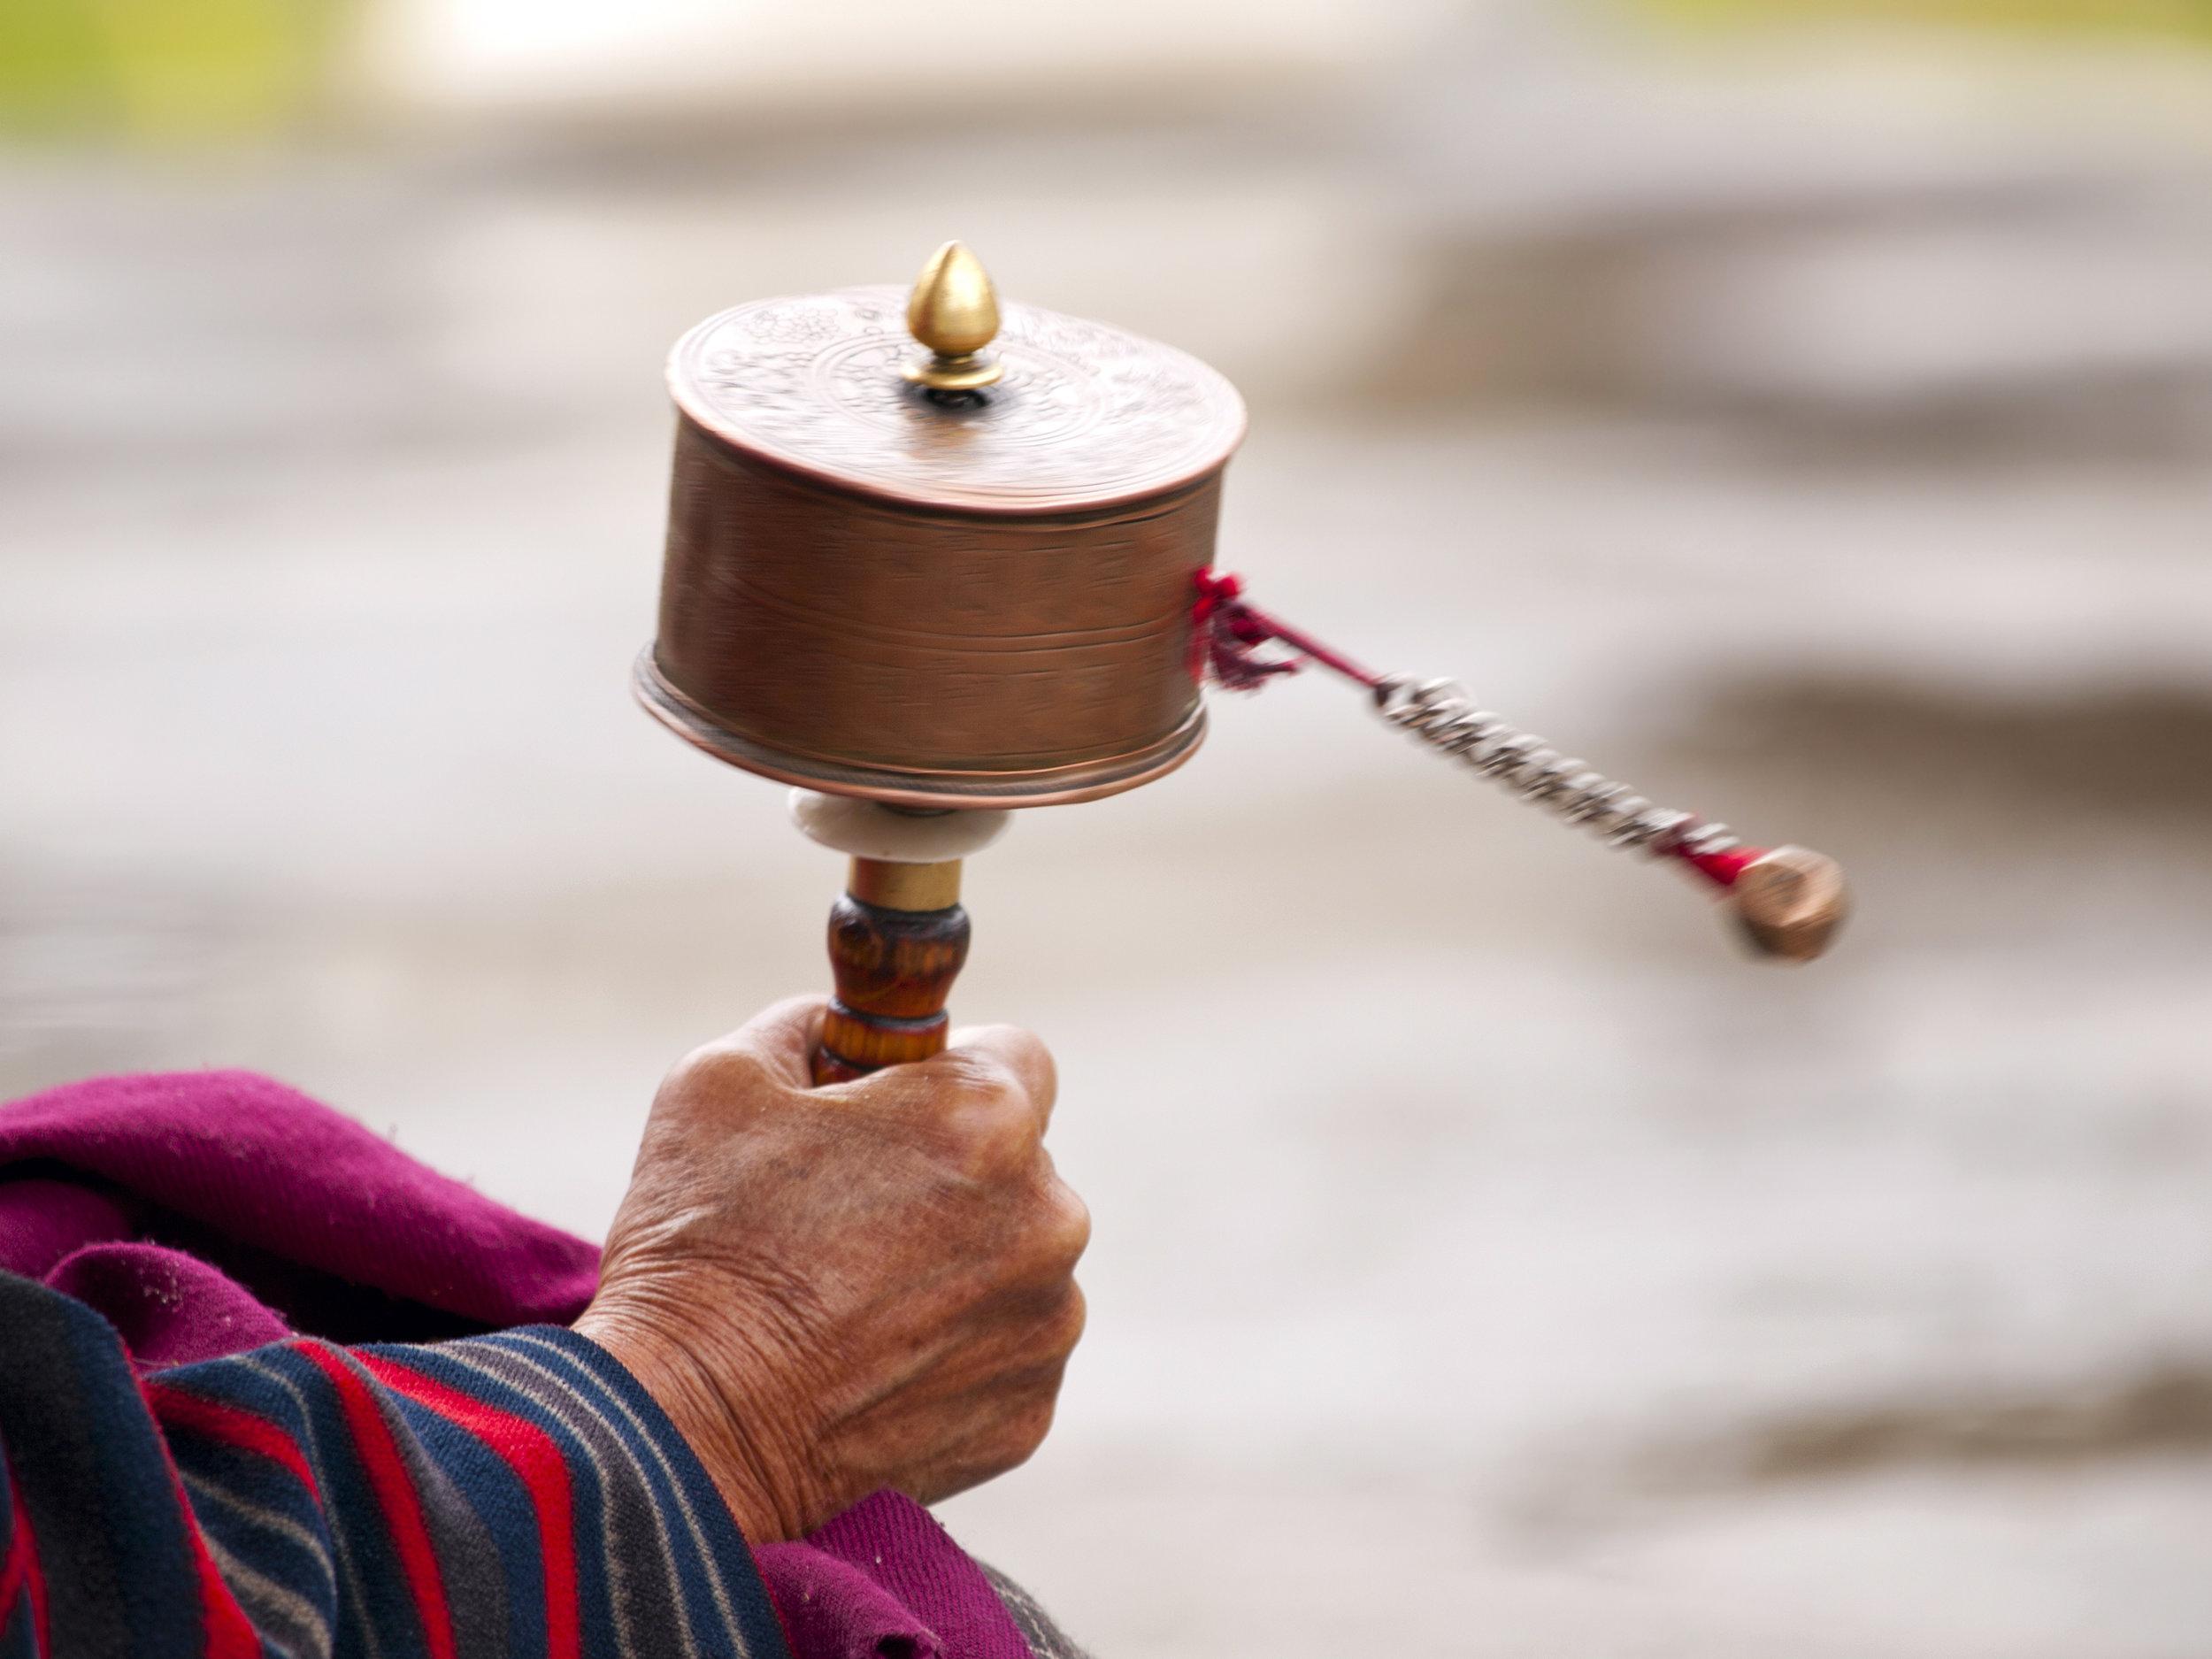 bhutan_bigstock-An-Older-Women-Spinning-Her-Pr-48537116.jpg